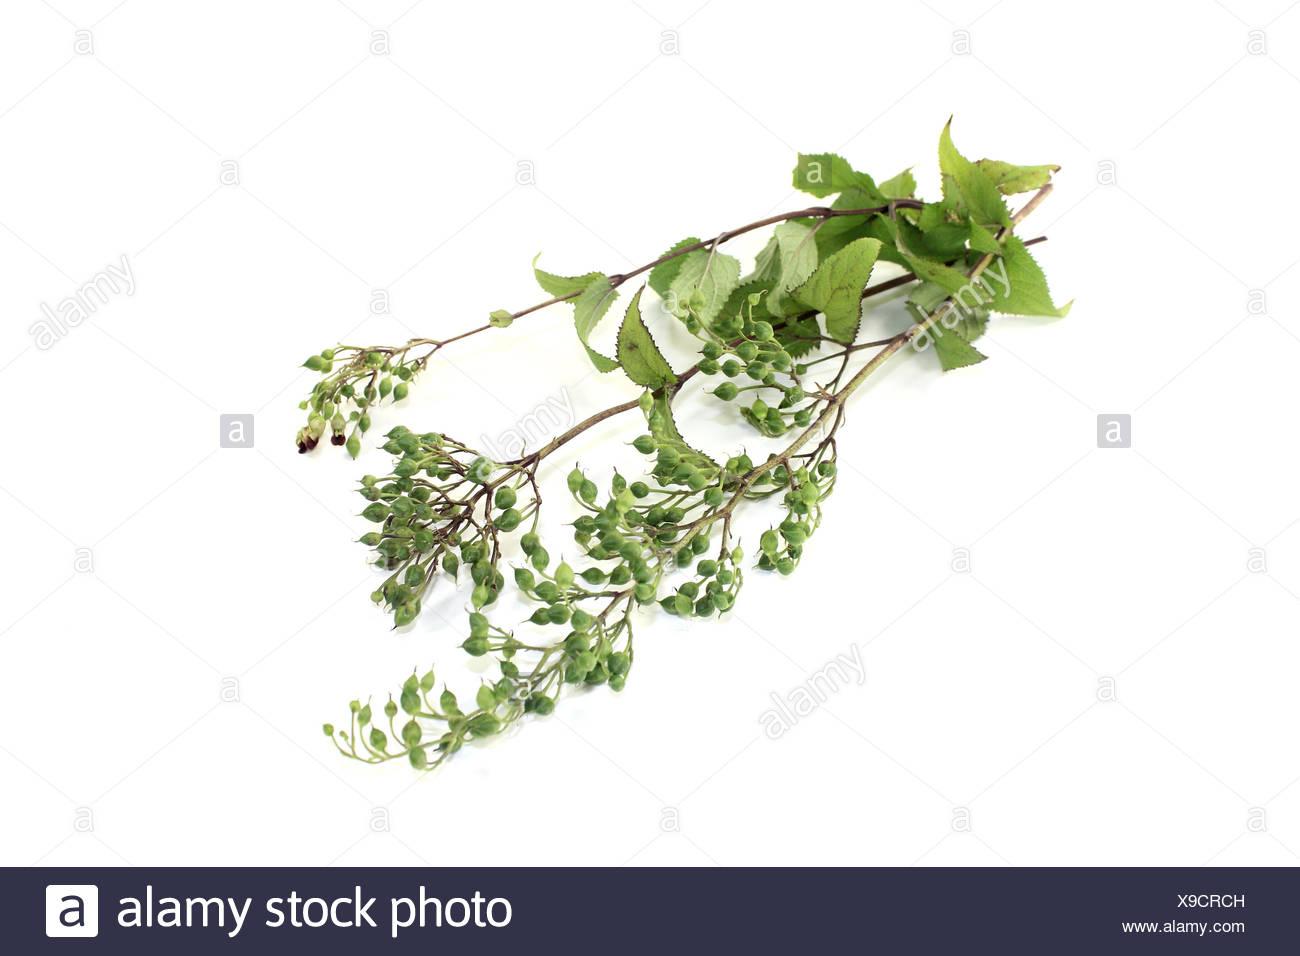 healthy Bei Xuan Shen - Stock Image